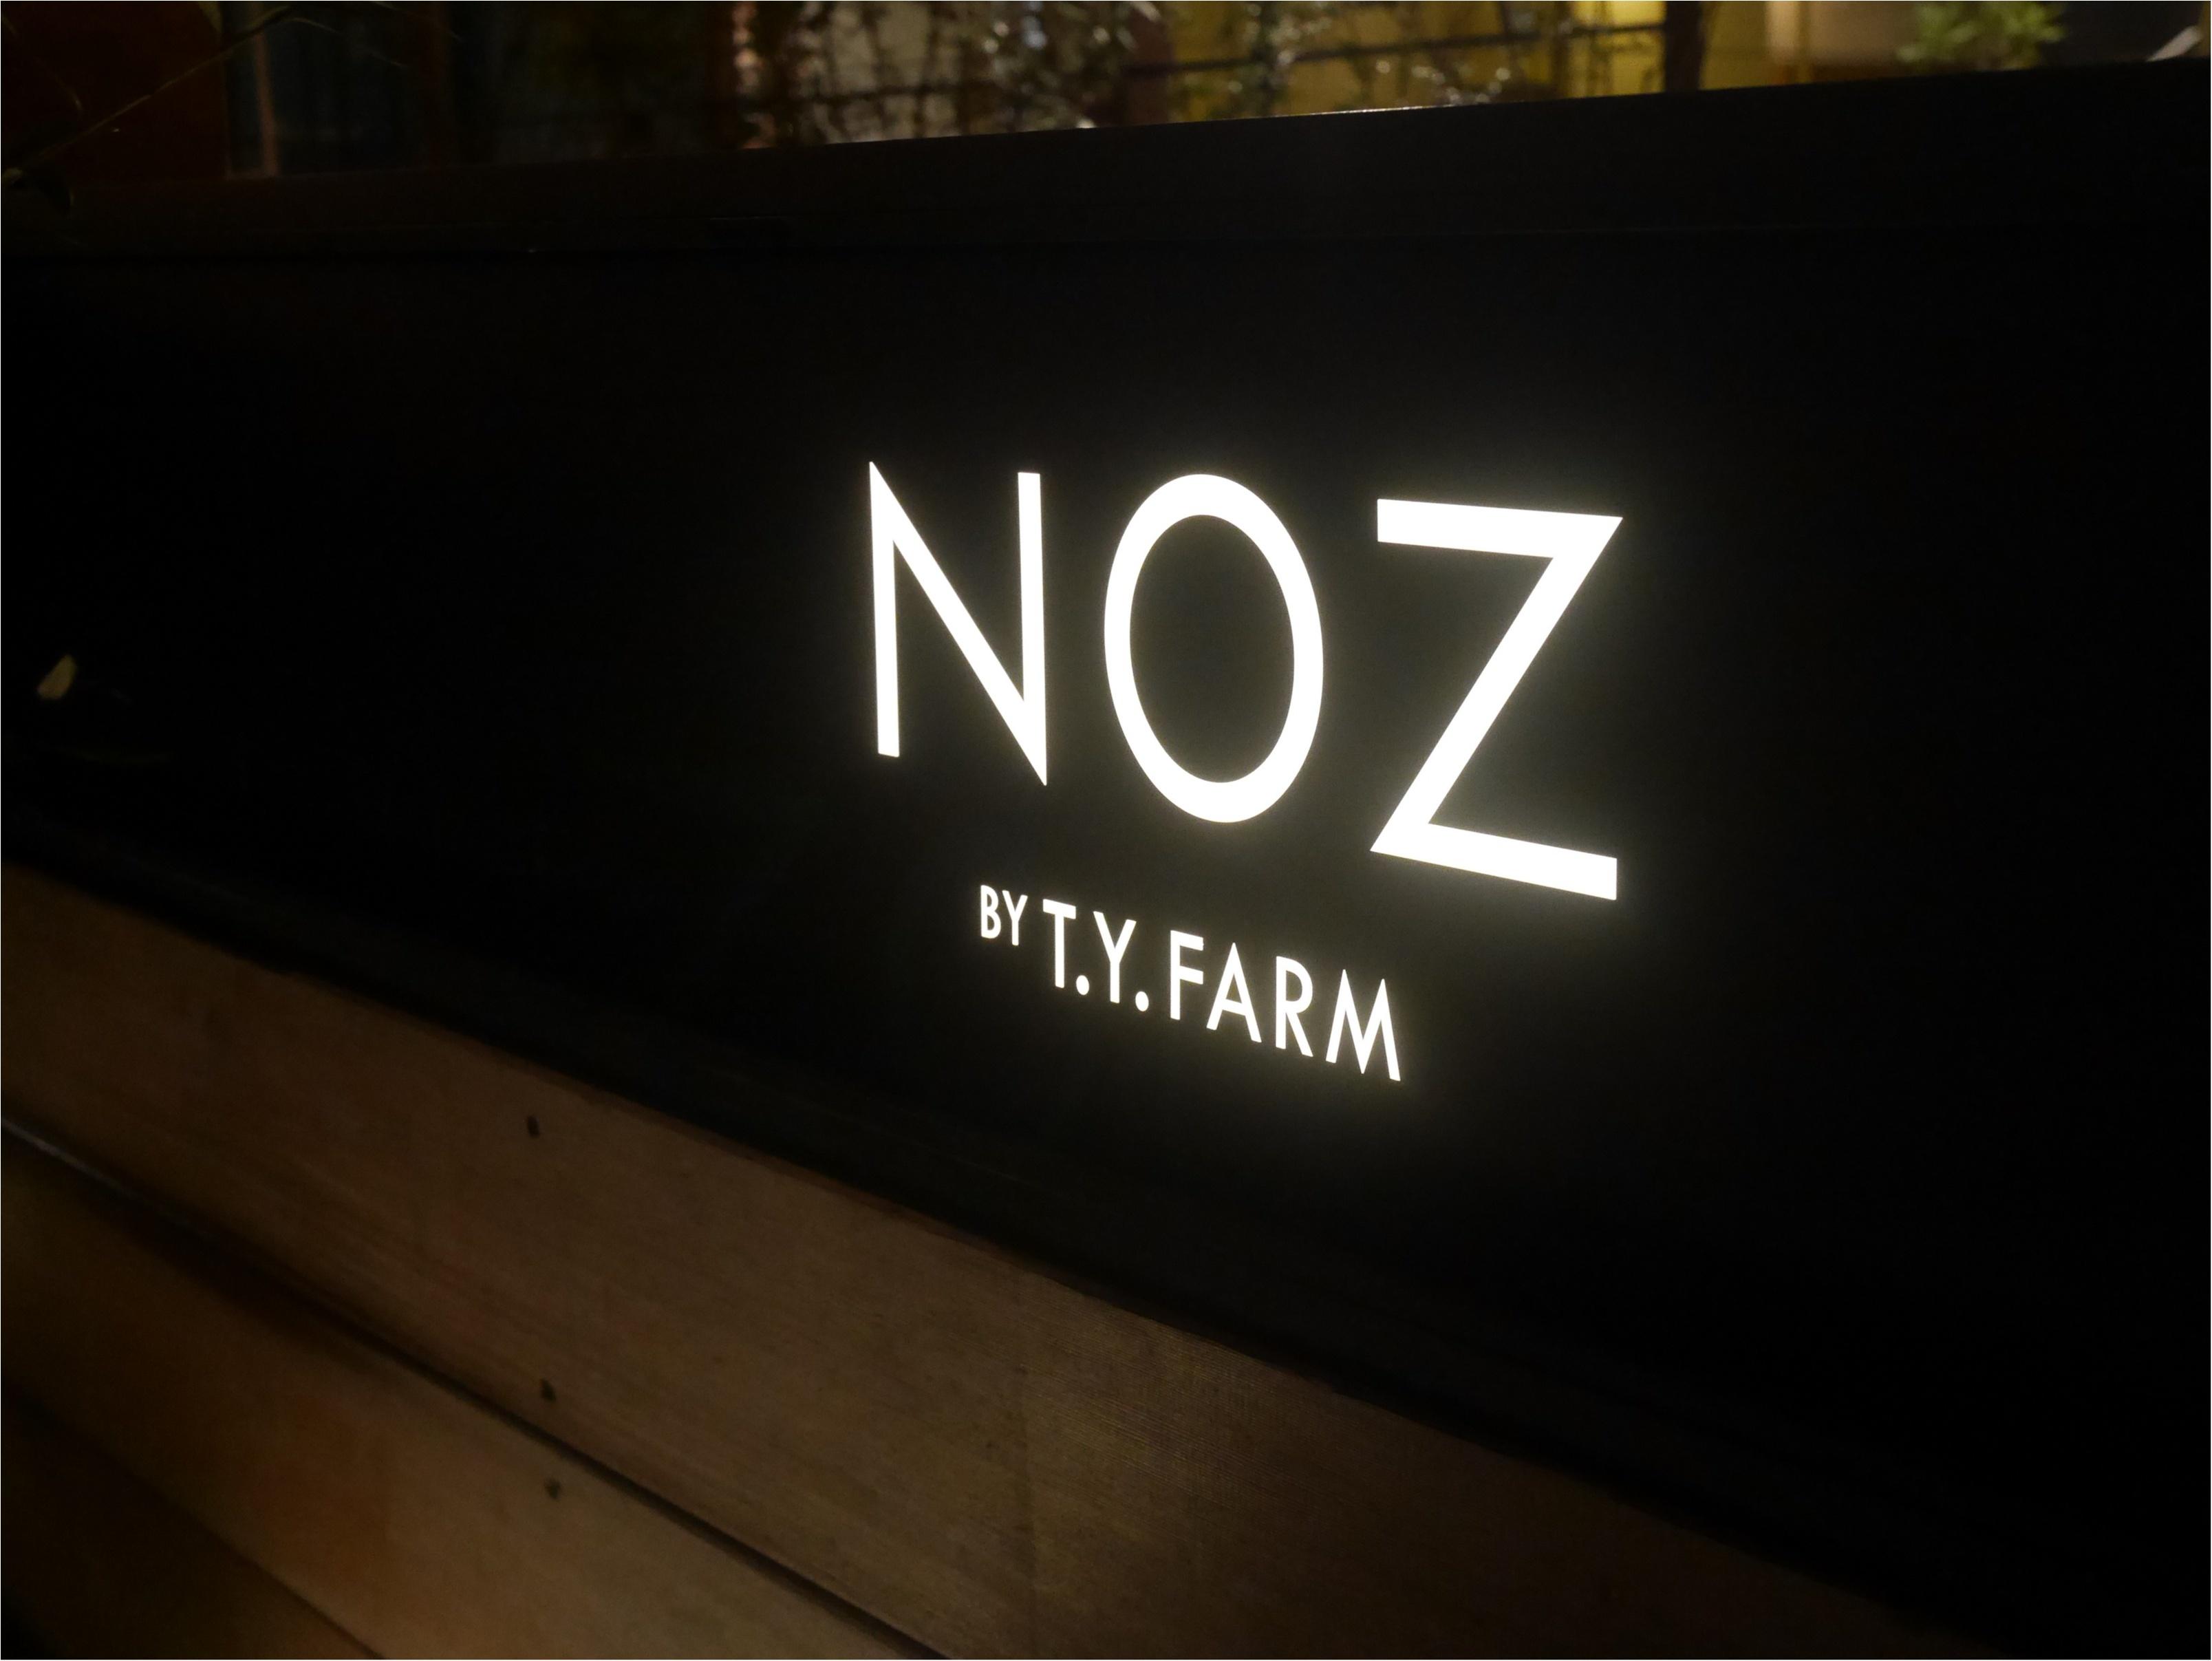 東京育ちのお野菜をどうぞ!4/7OPEN「NOZ BY T.Y.FARM」に行ってみよう!_1